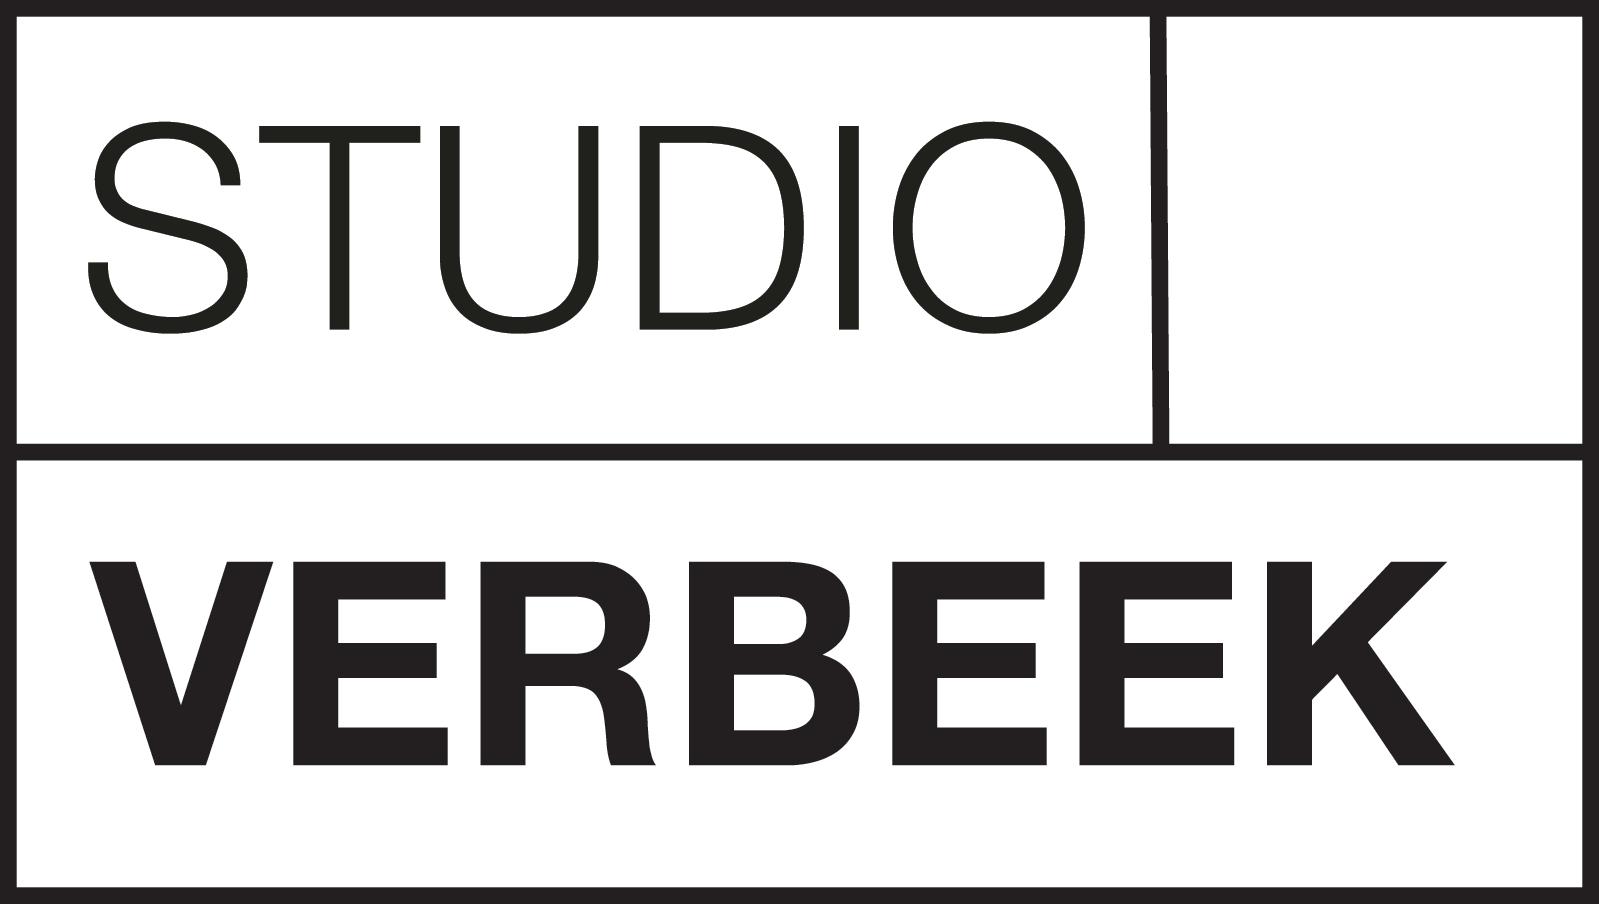 Studio Verbeek